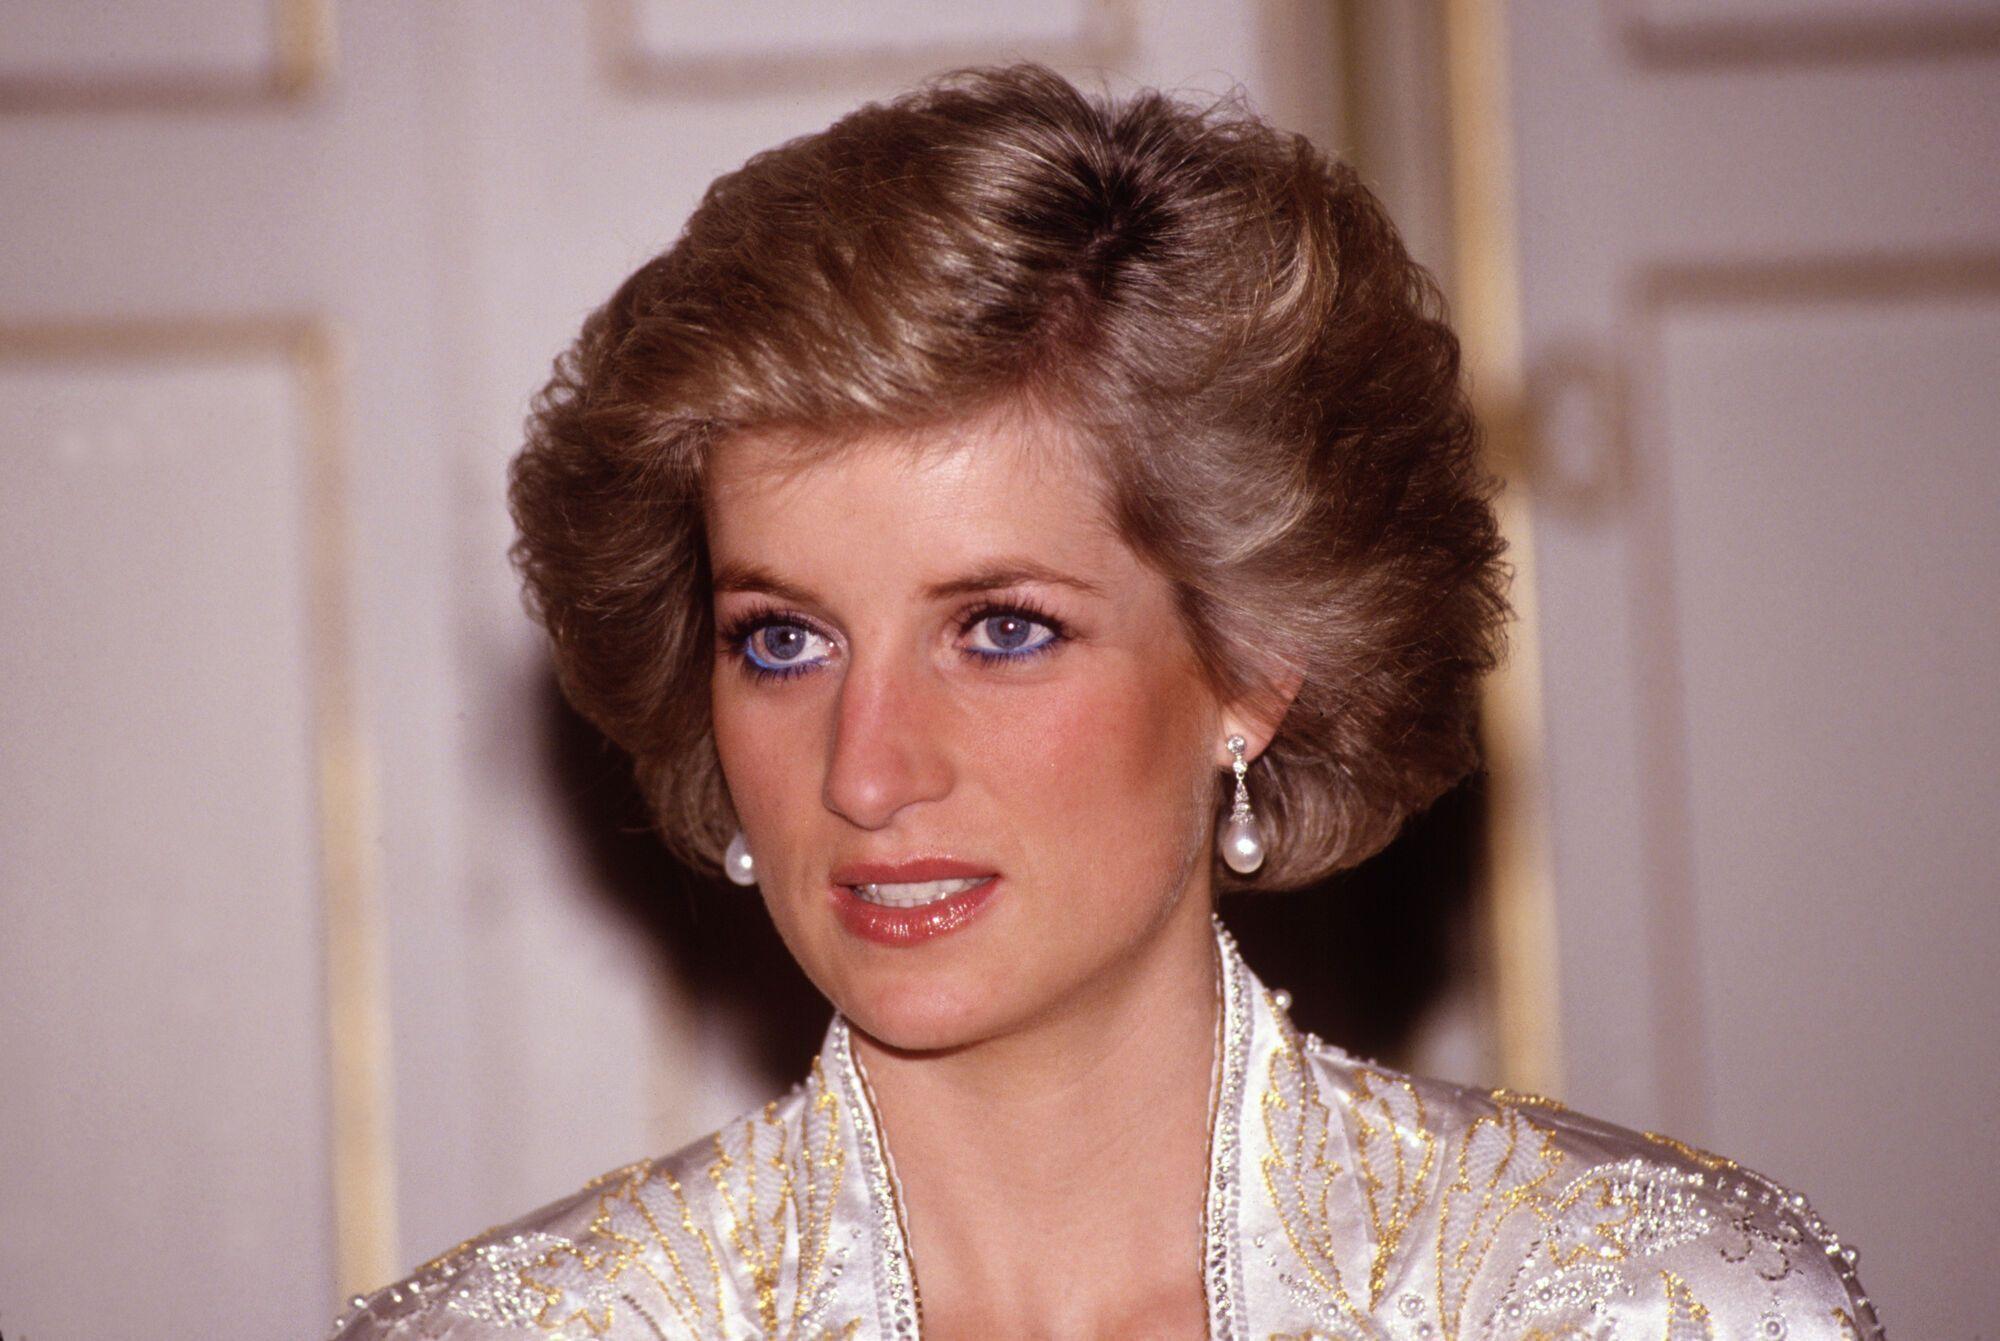 Принцесса Диана хотела поскорее вернуться домой из Франции.